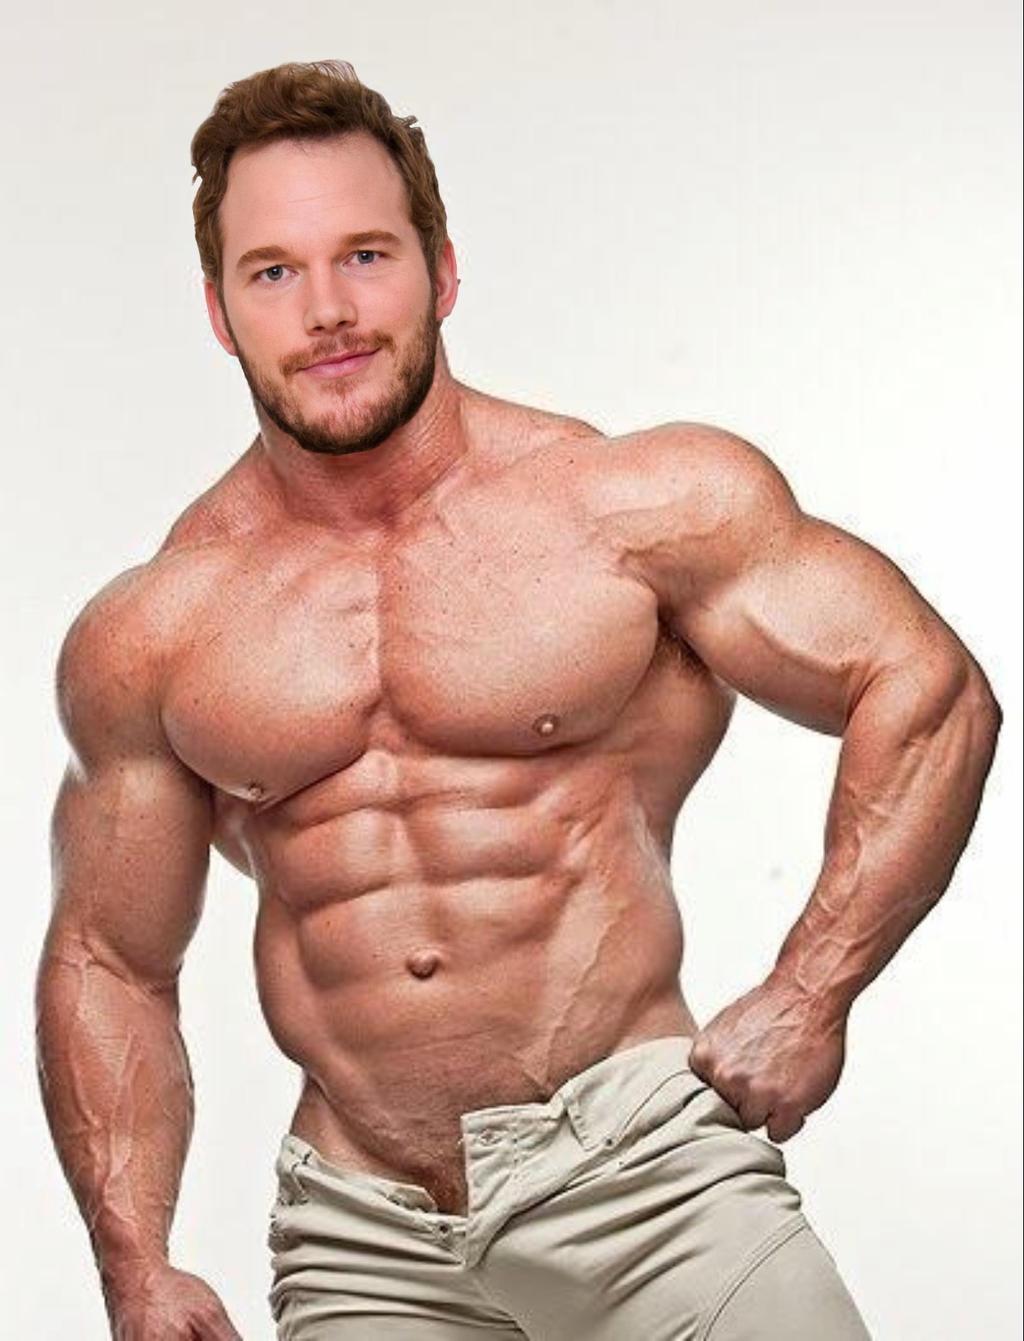 Muscle Morph: Chris Pratt 10 by doryfan1 on DeviantArt